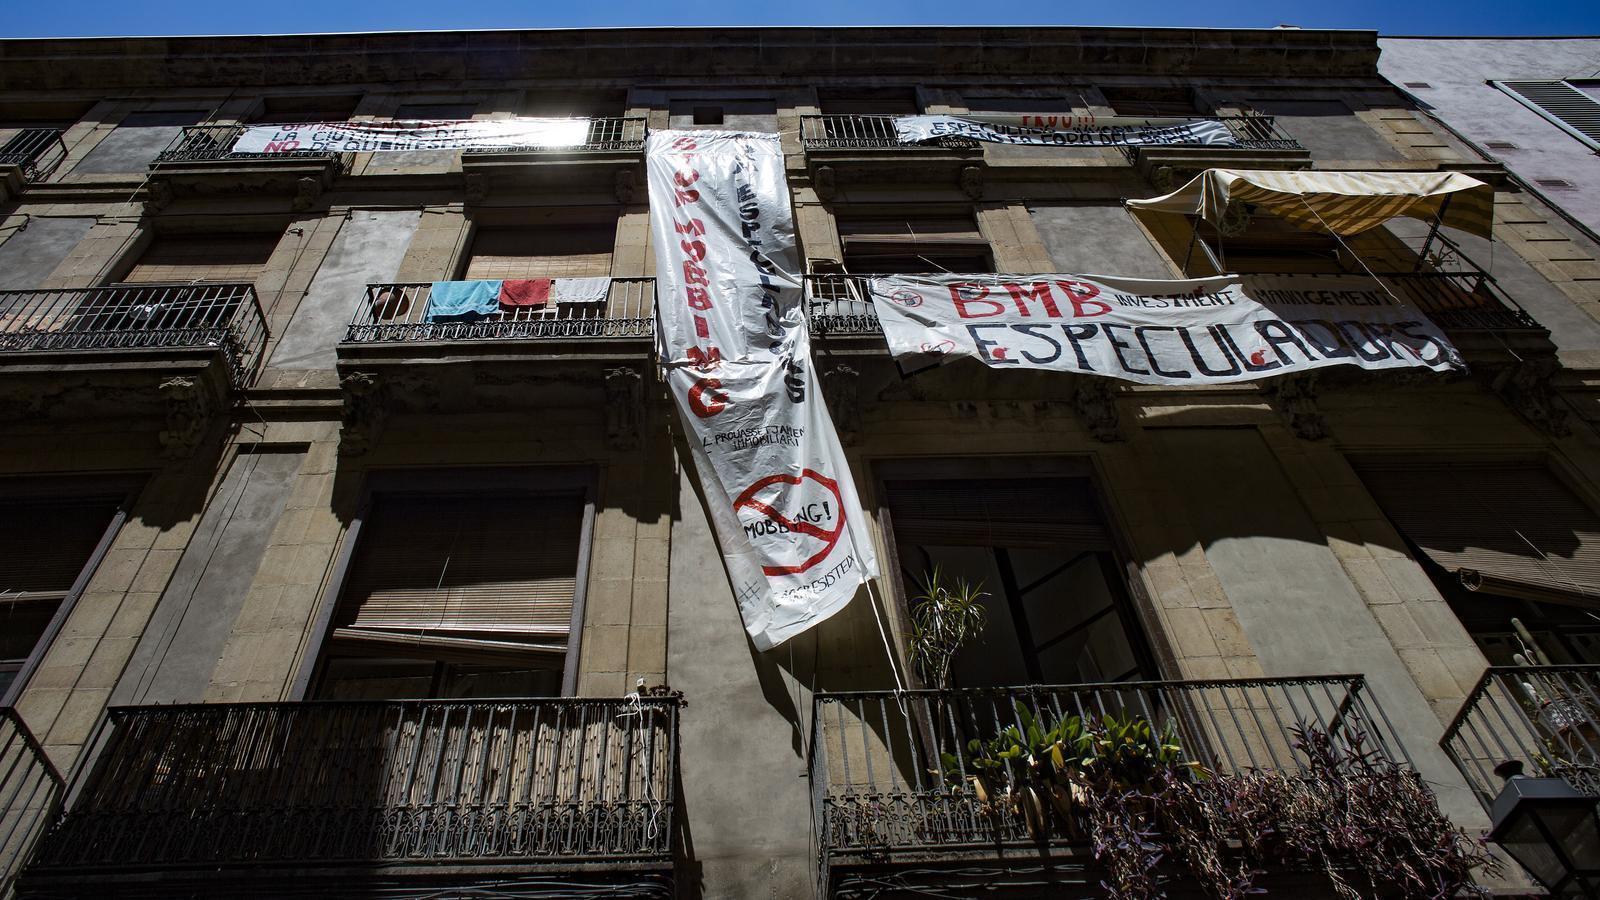 Barcelona comença a perseguir l'assetjament immobiliari